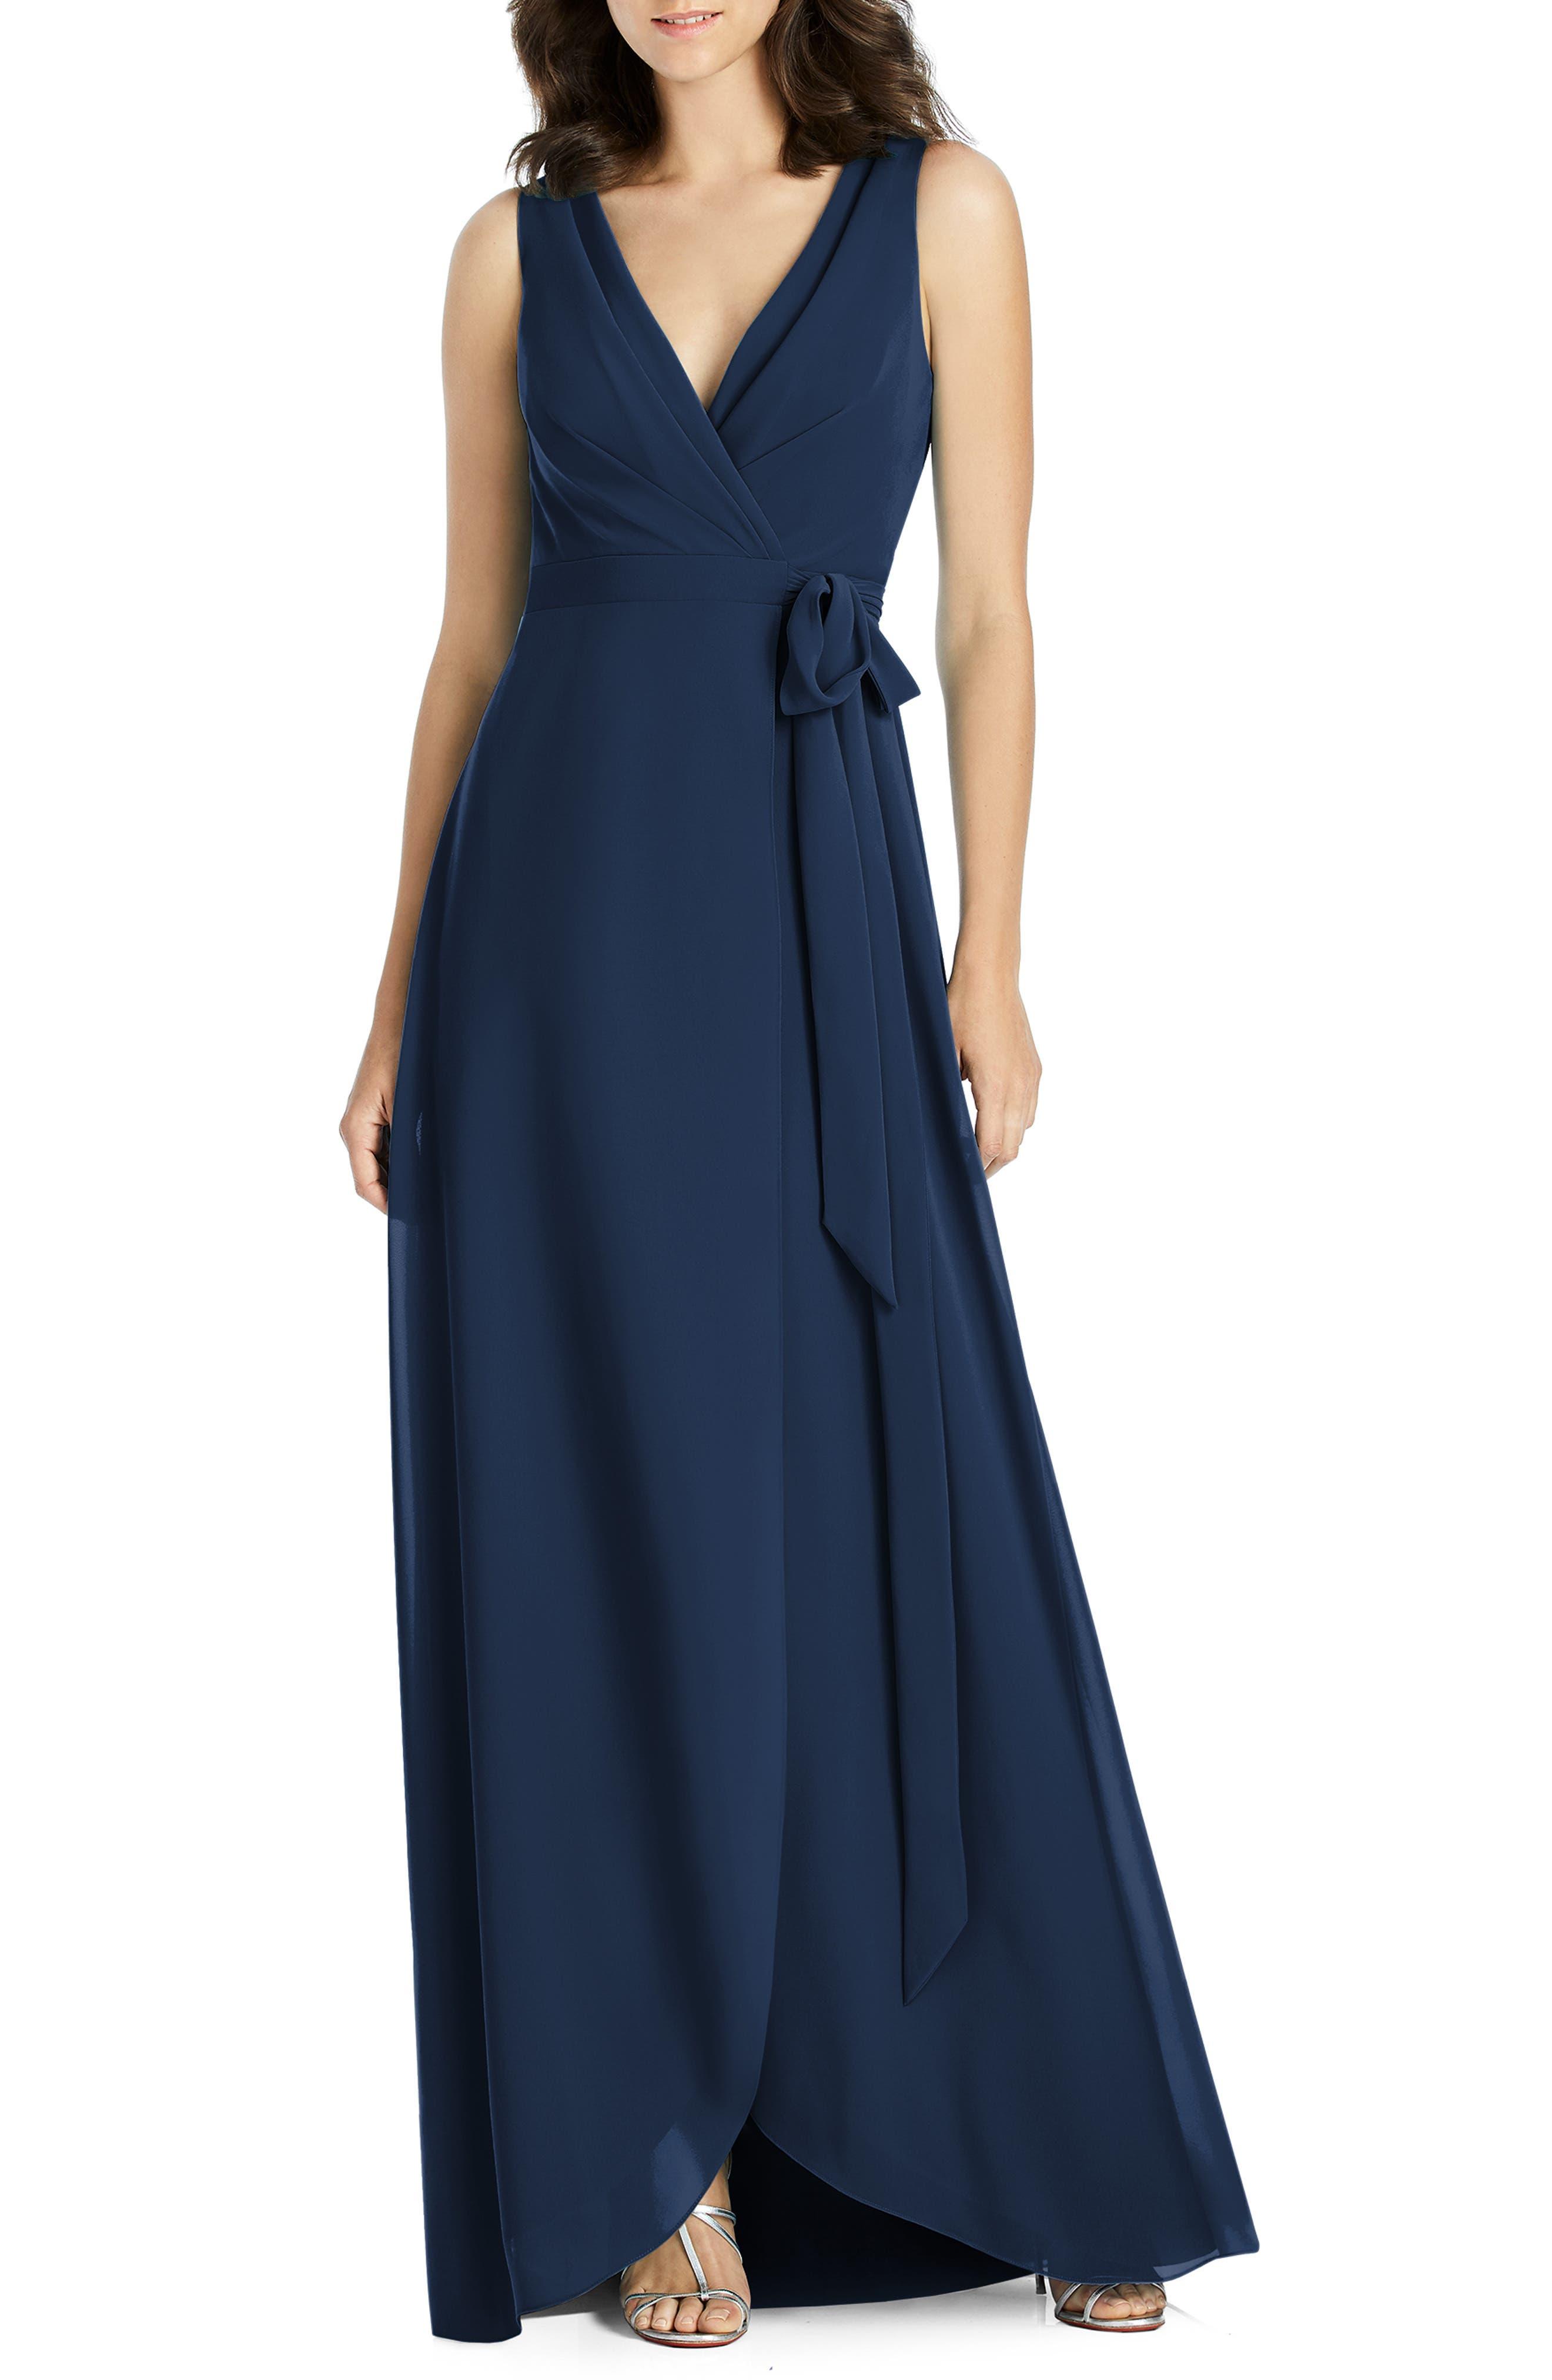 Jenny Packham Chiffon Wrap Evening Dress, Blue